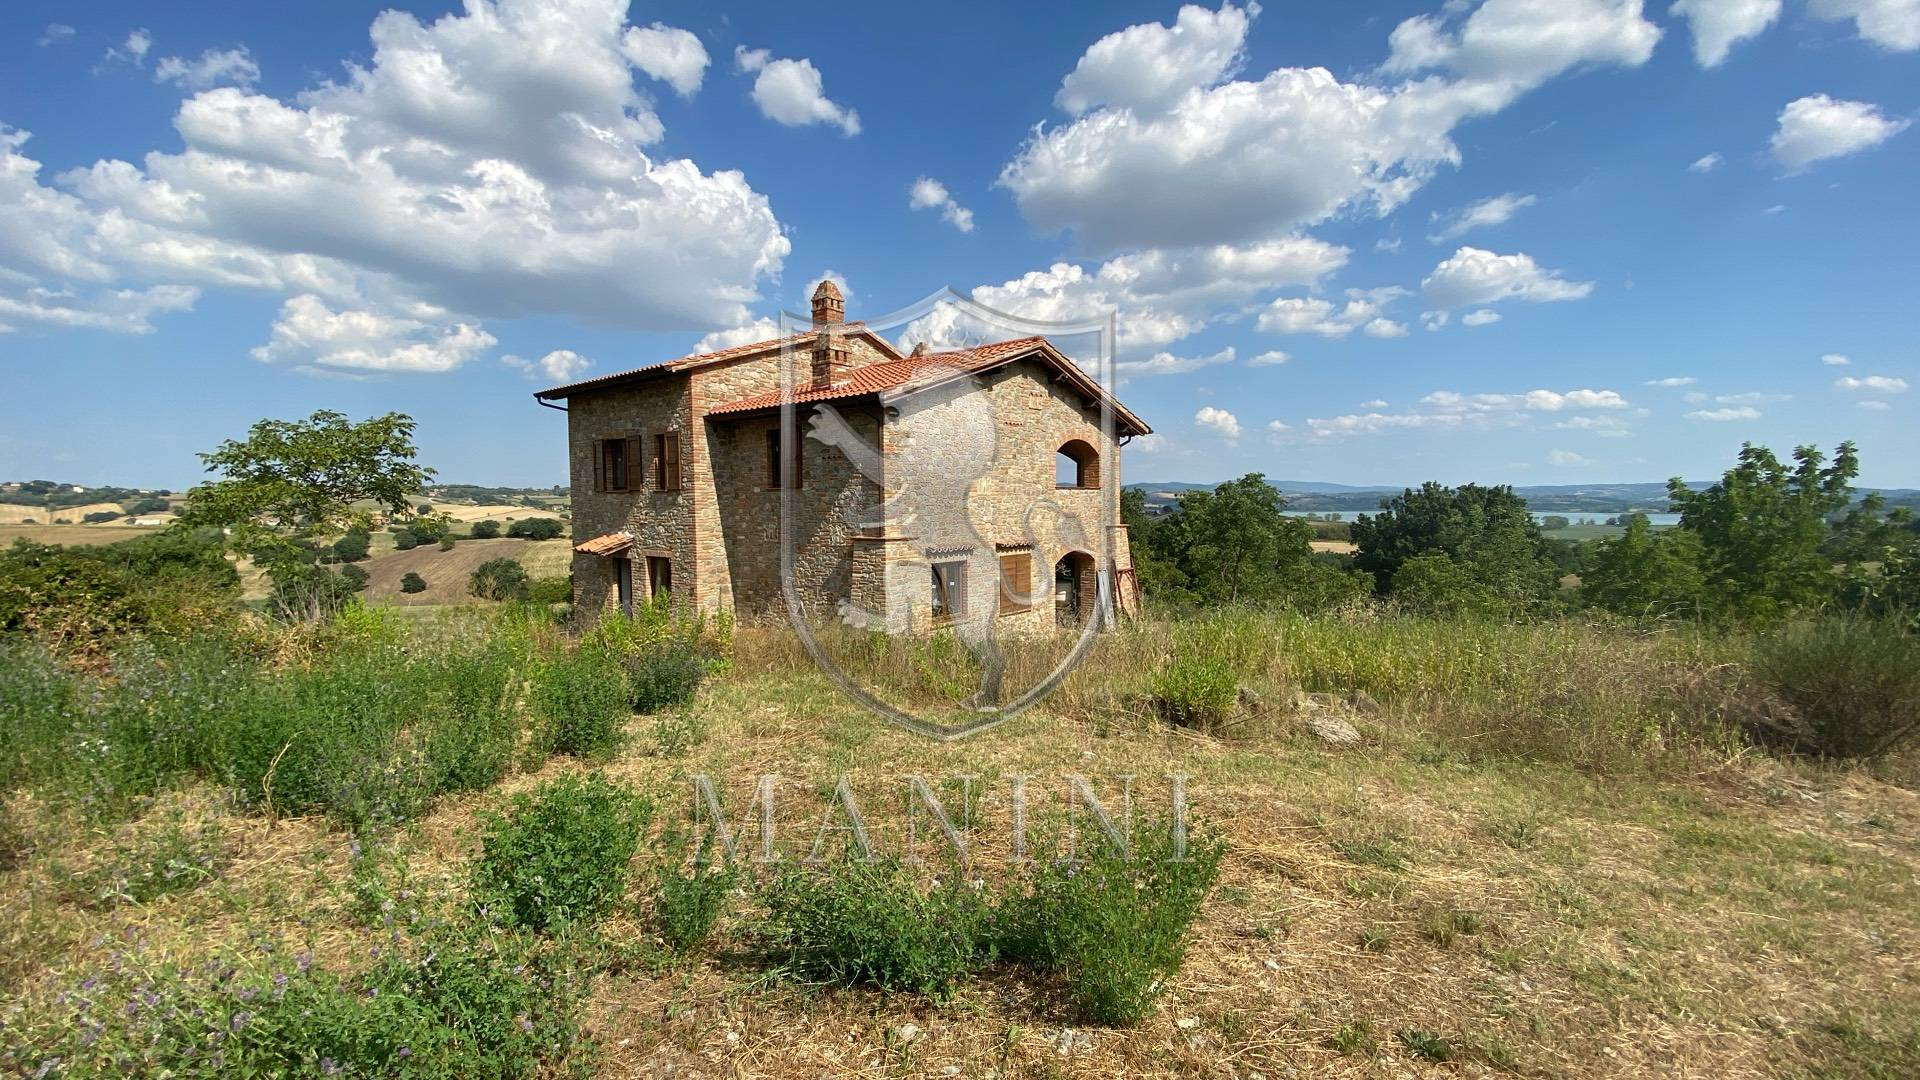 Rustico / Casale in vendita a Castiglione del Lago, 7 locali, zona Zona: Porto, prezzo € 420.000   CambioCasa.it